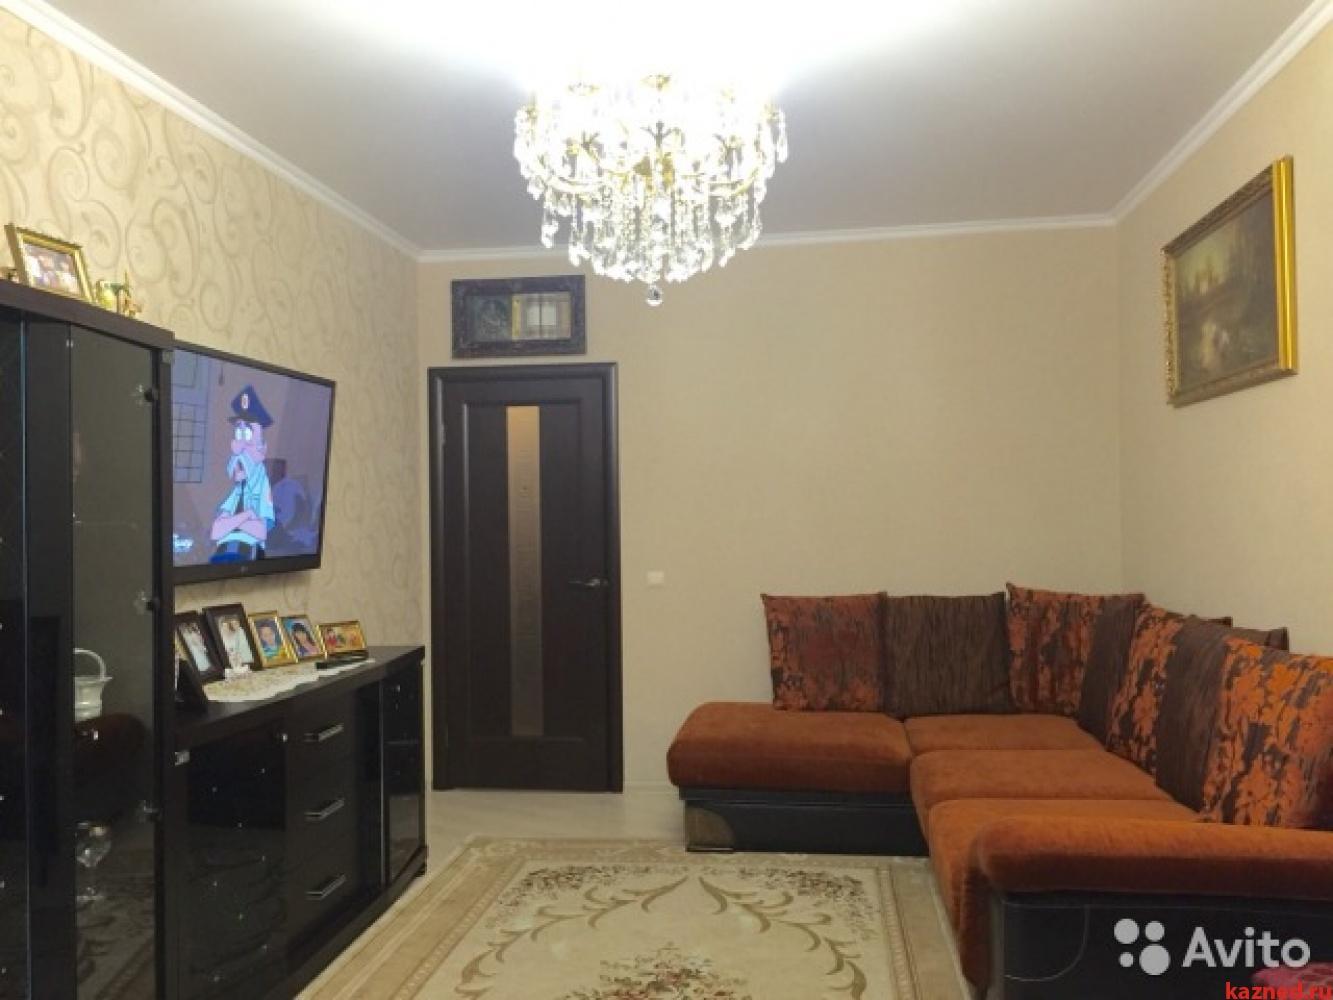 Продажа 1-к квартиры проспект победы 46, 49 м2  (миниатюра №2)